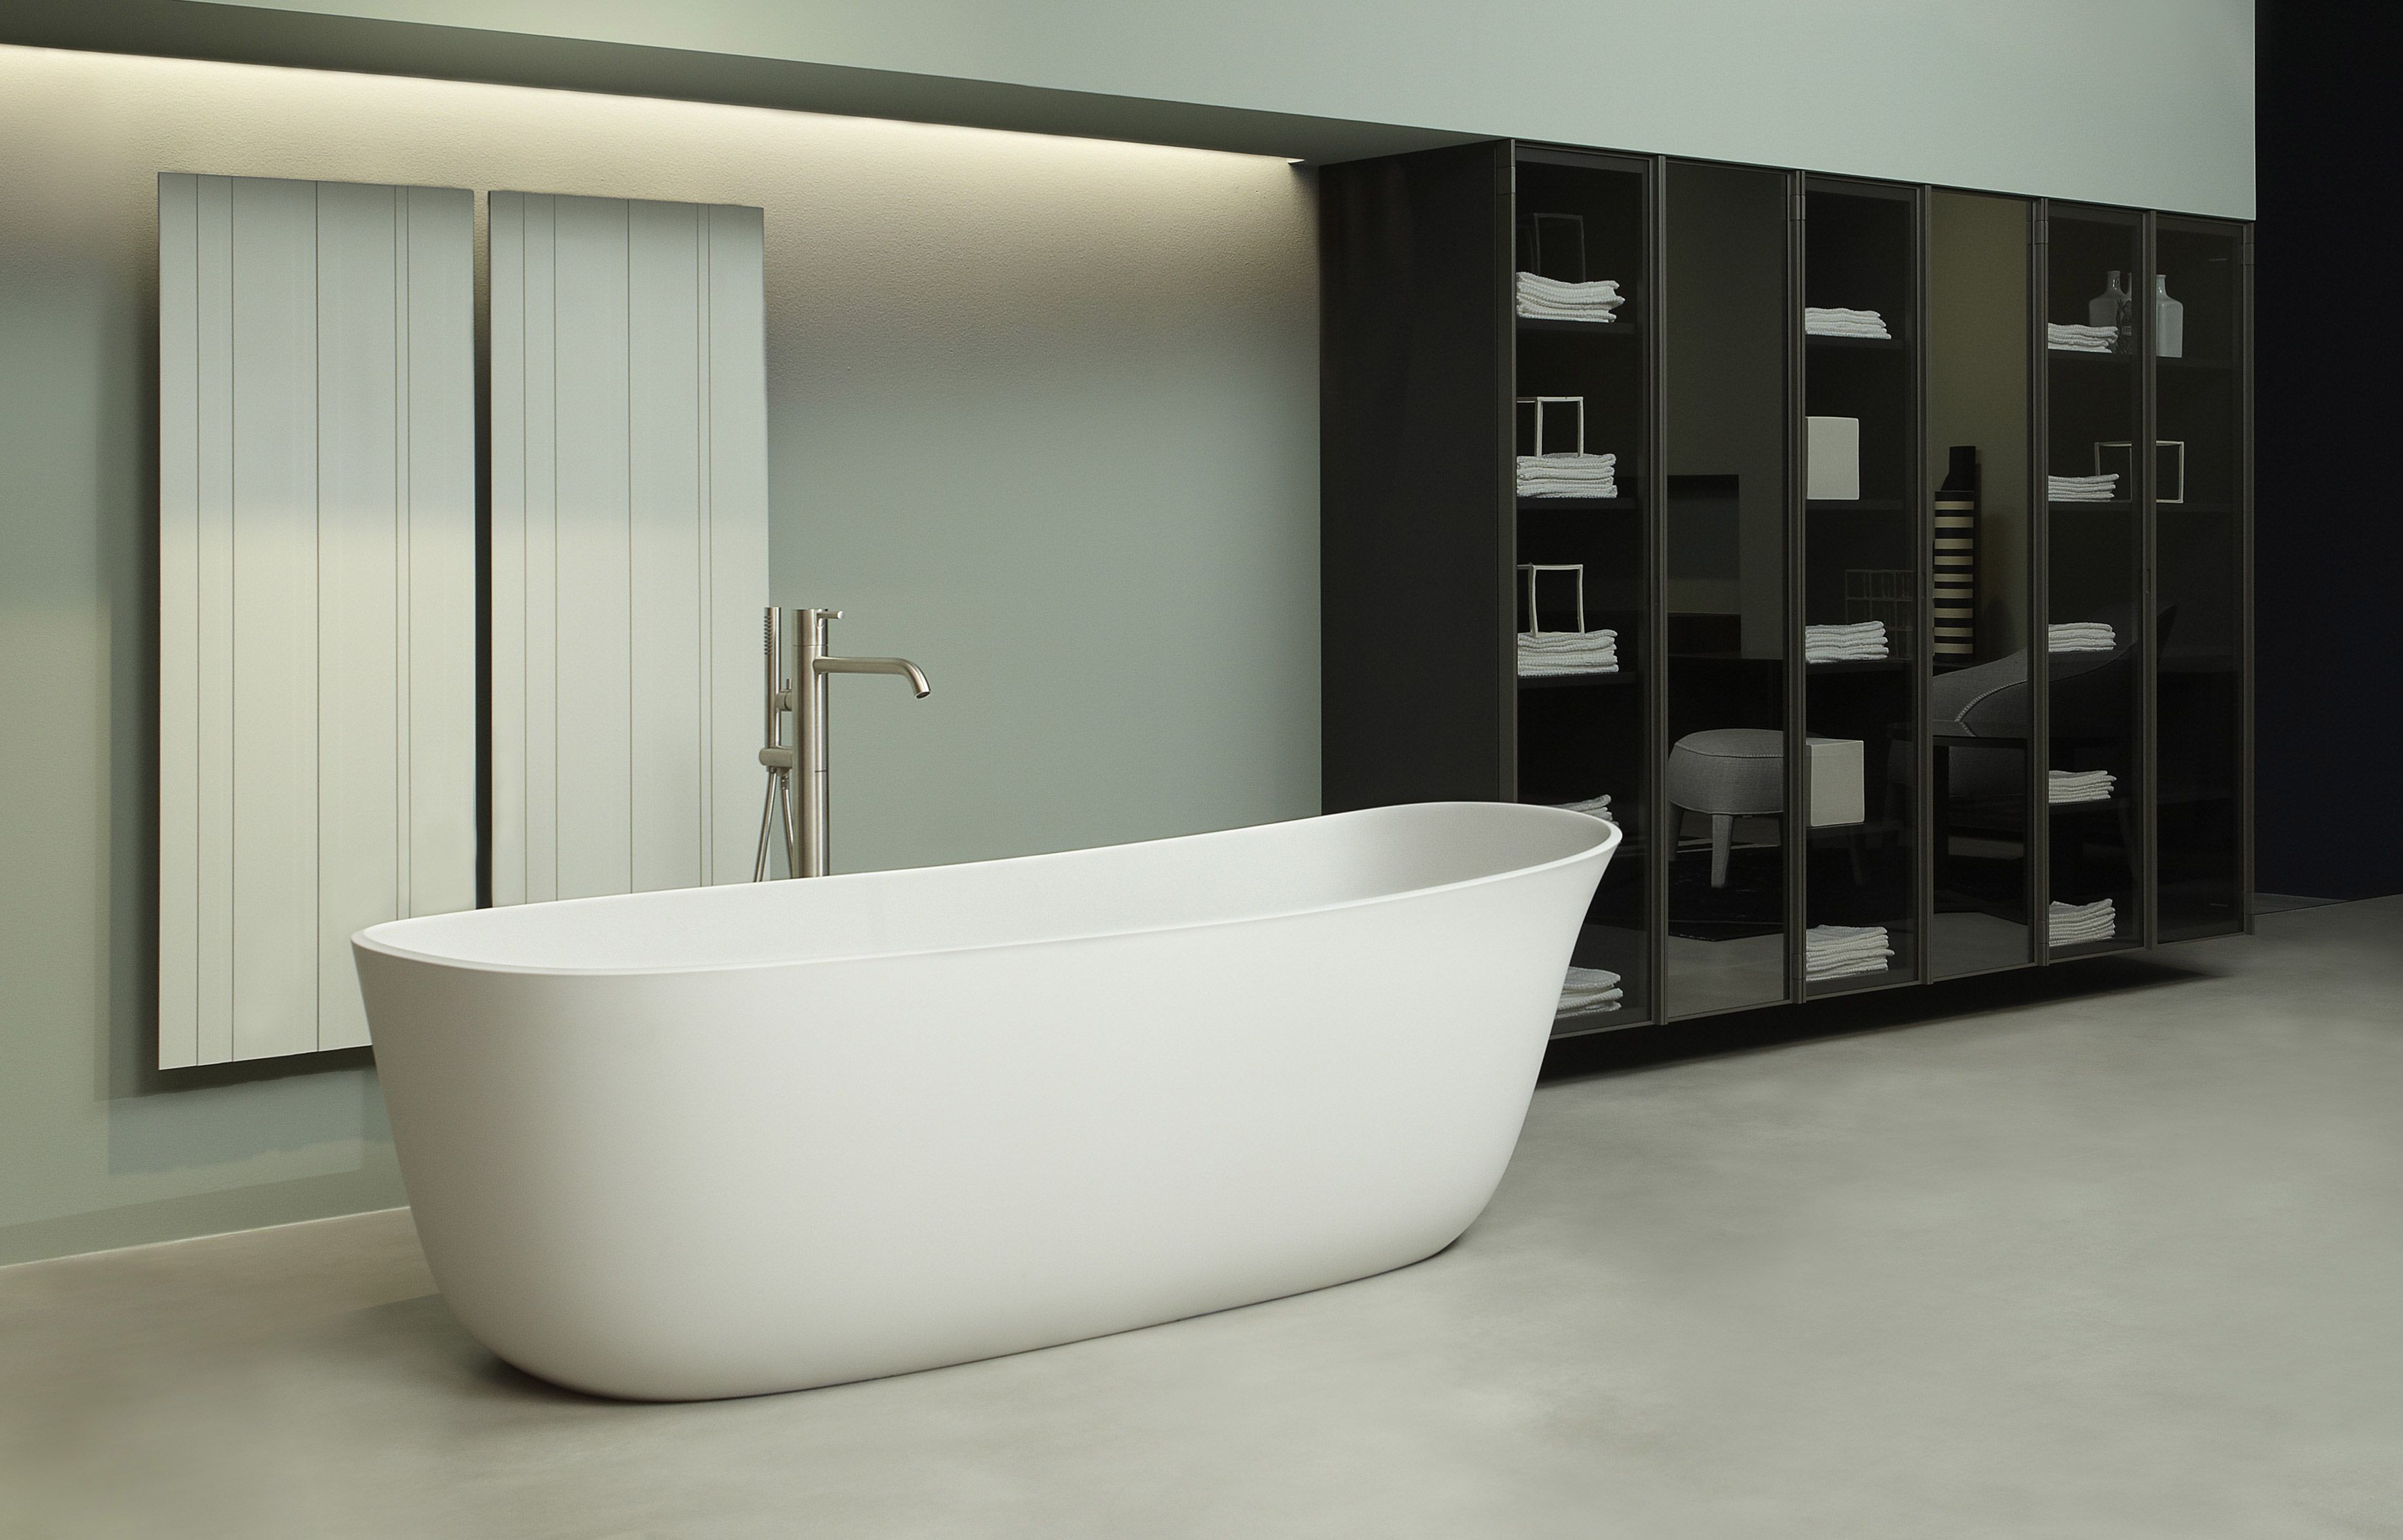 Deltacalor TaoSystem Designer Porte-serviettes ouverture rails ensuite salle de bain moderne